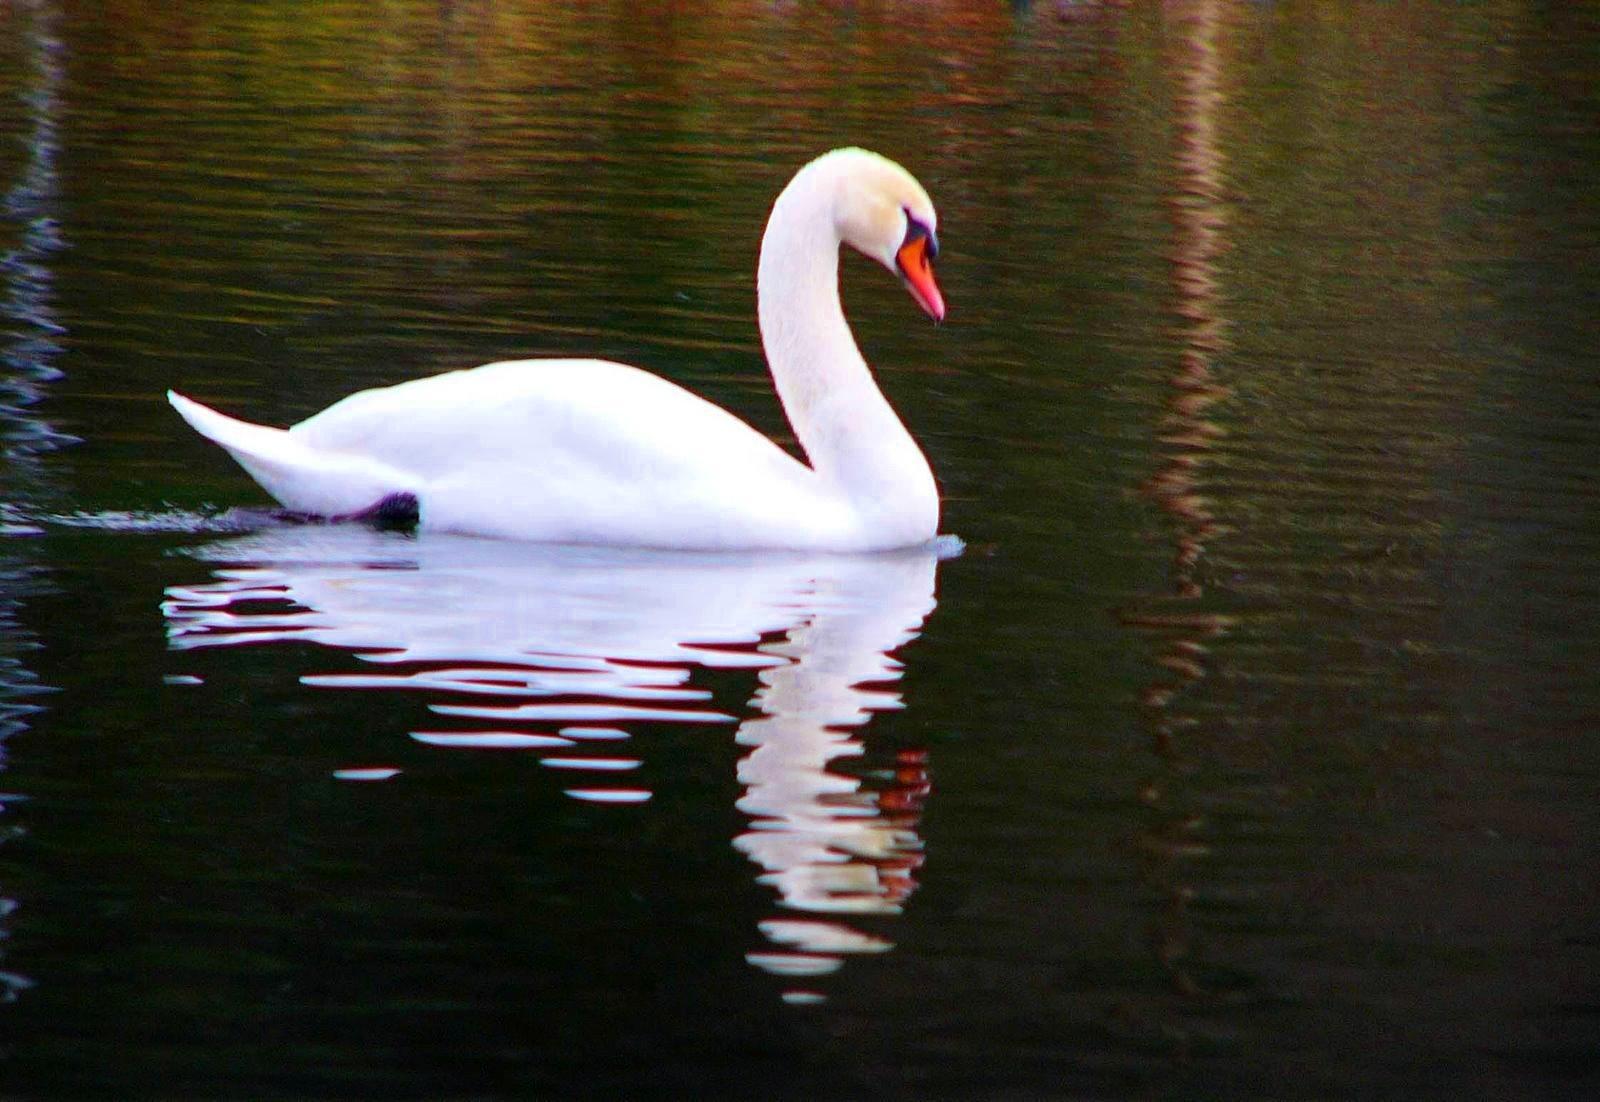 Swan wallpaper for home wallpapersafari - Swan wallpapers for desktop ...